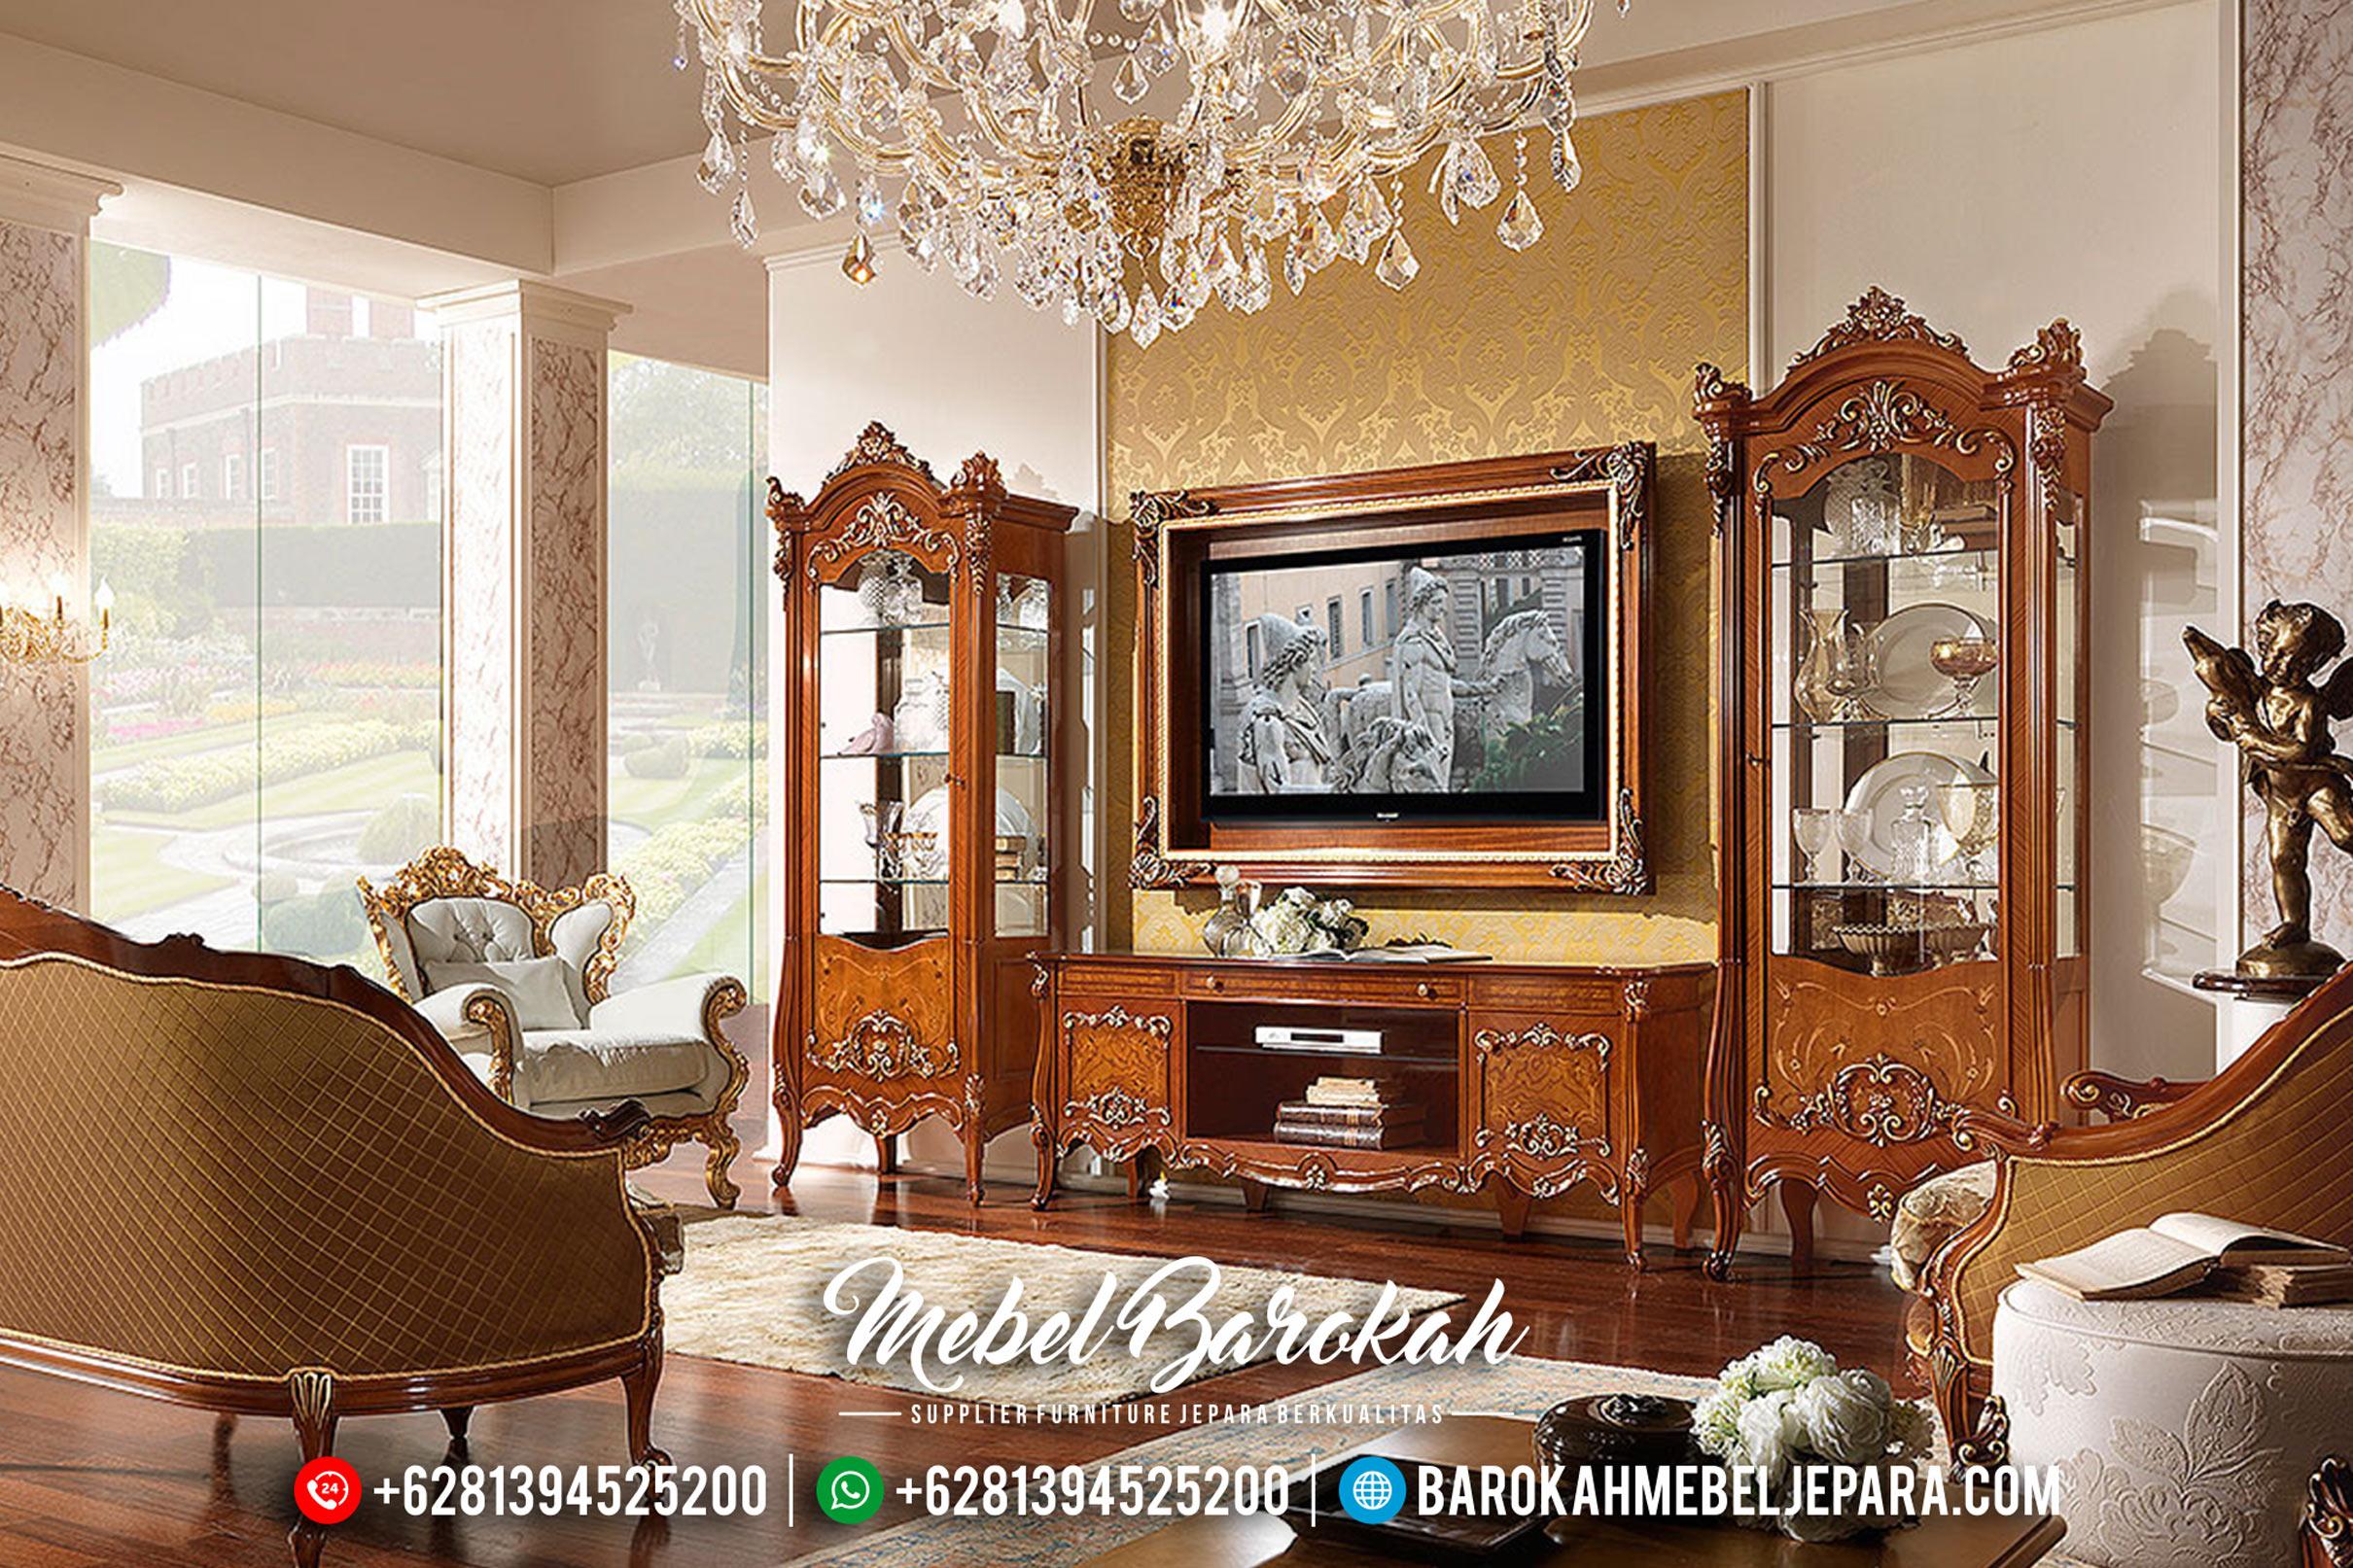 Jual Mebel Jepara 1 Set Lemari Hias Dan Bufet TV Mewah Minimalis Klasik MB-0160